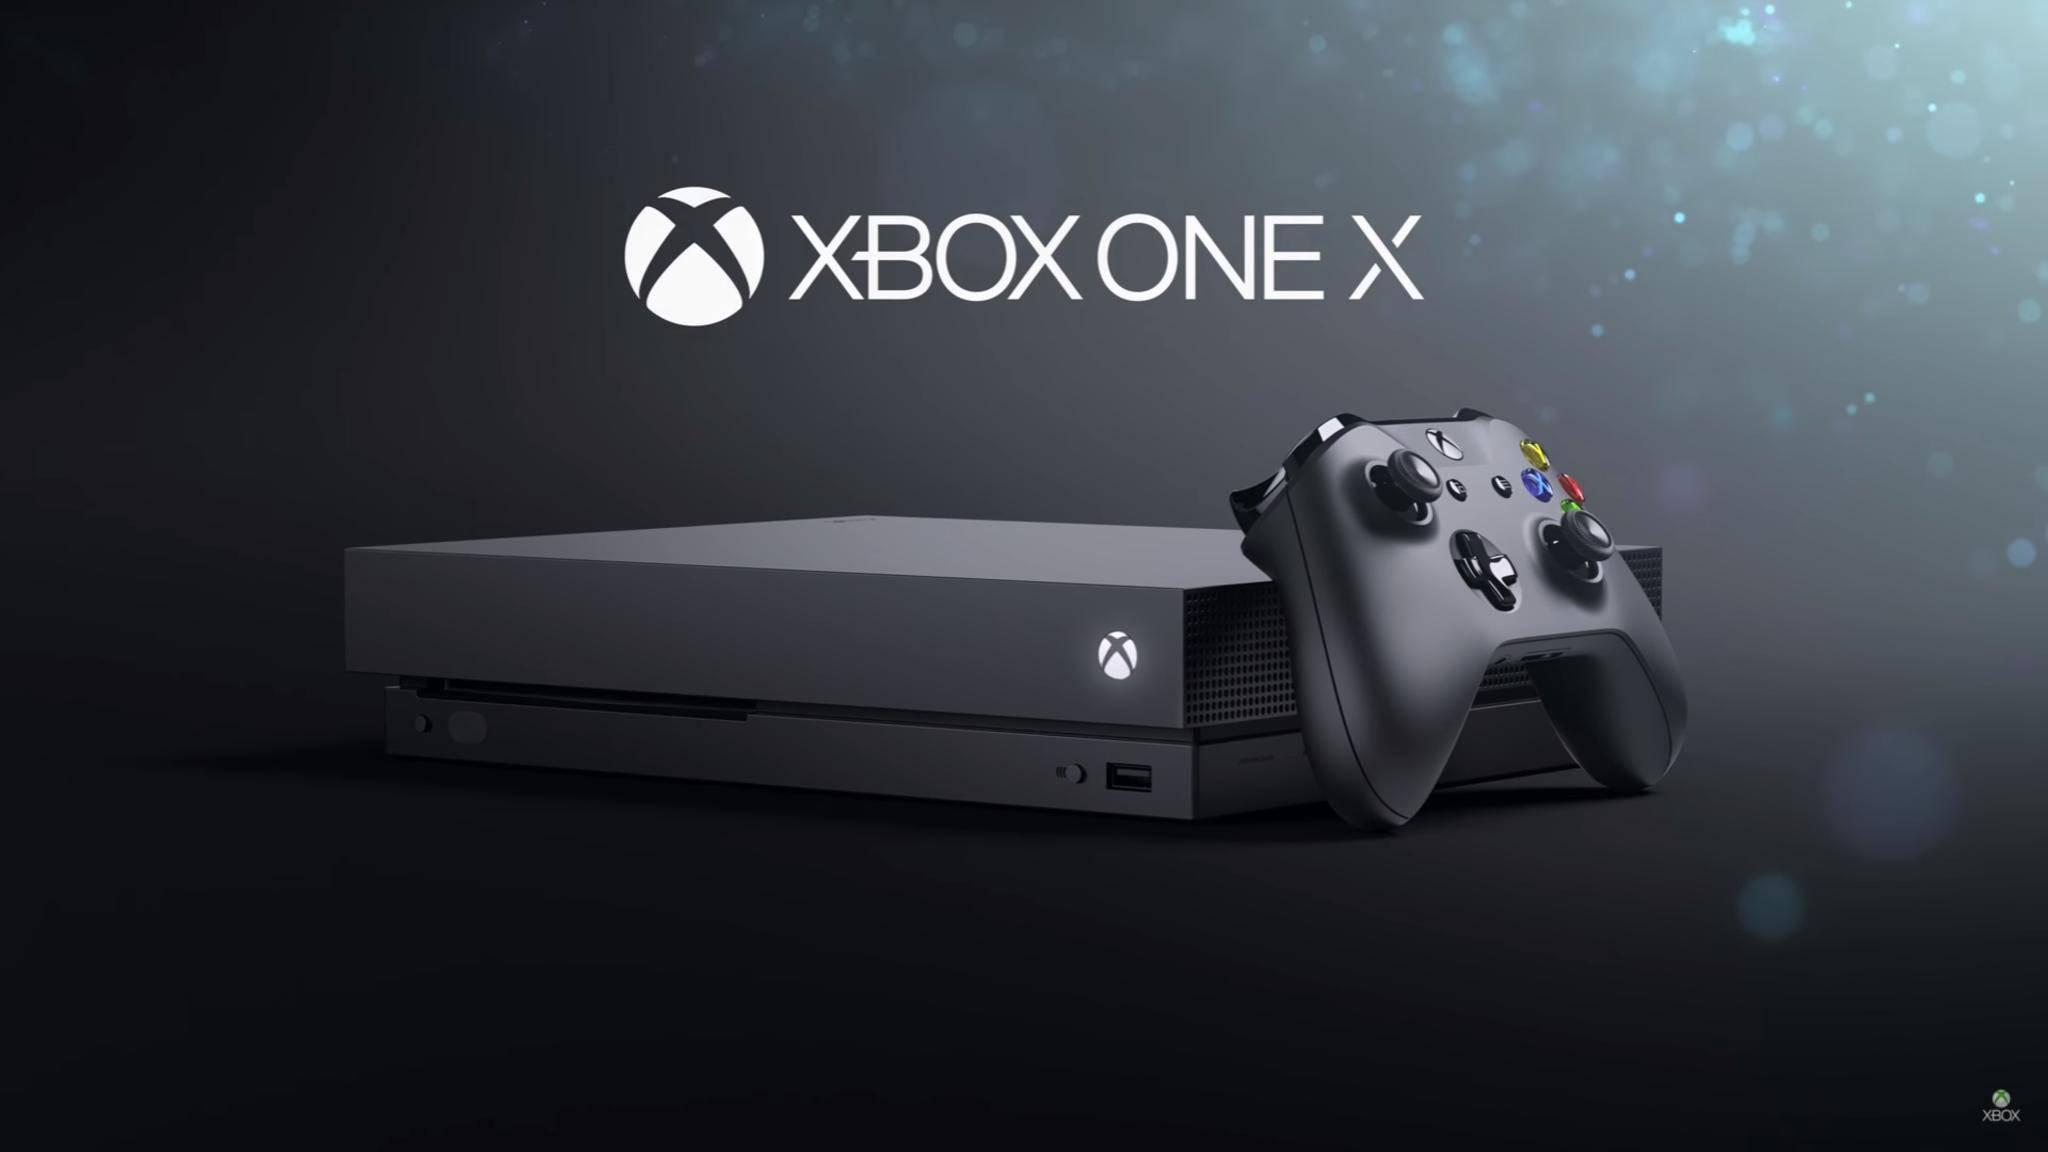 Trotz mangelnder Exklusivspiele spricht einiges für die Xbox One X.